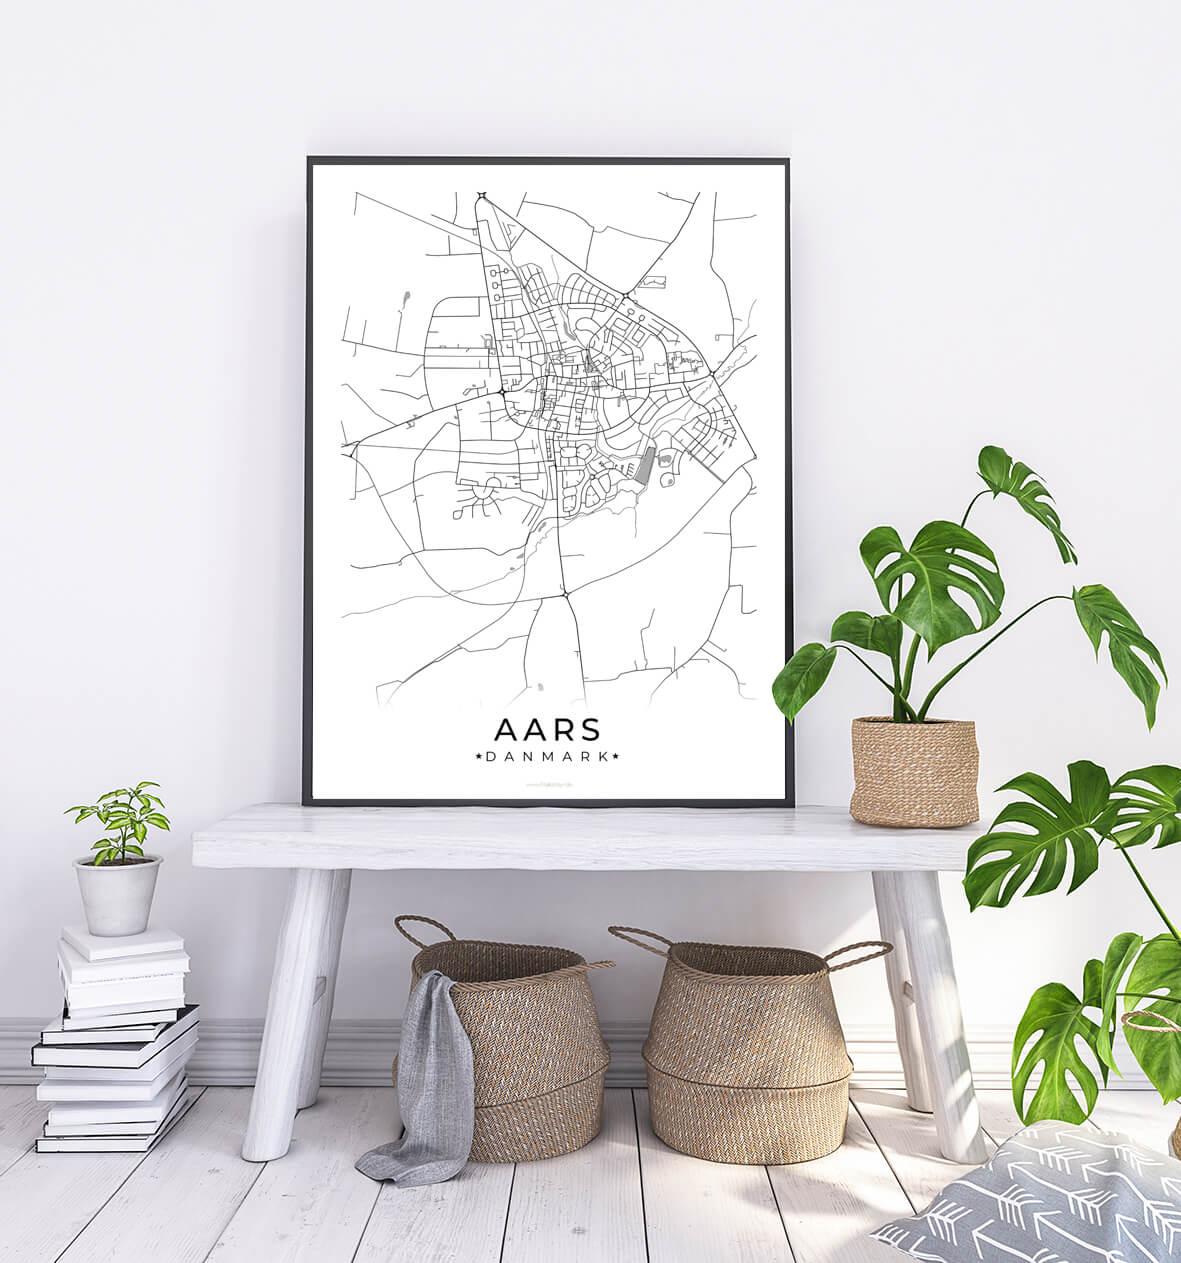 Aars-hvid-byplakat-1